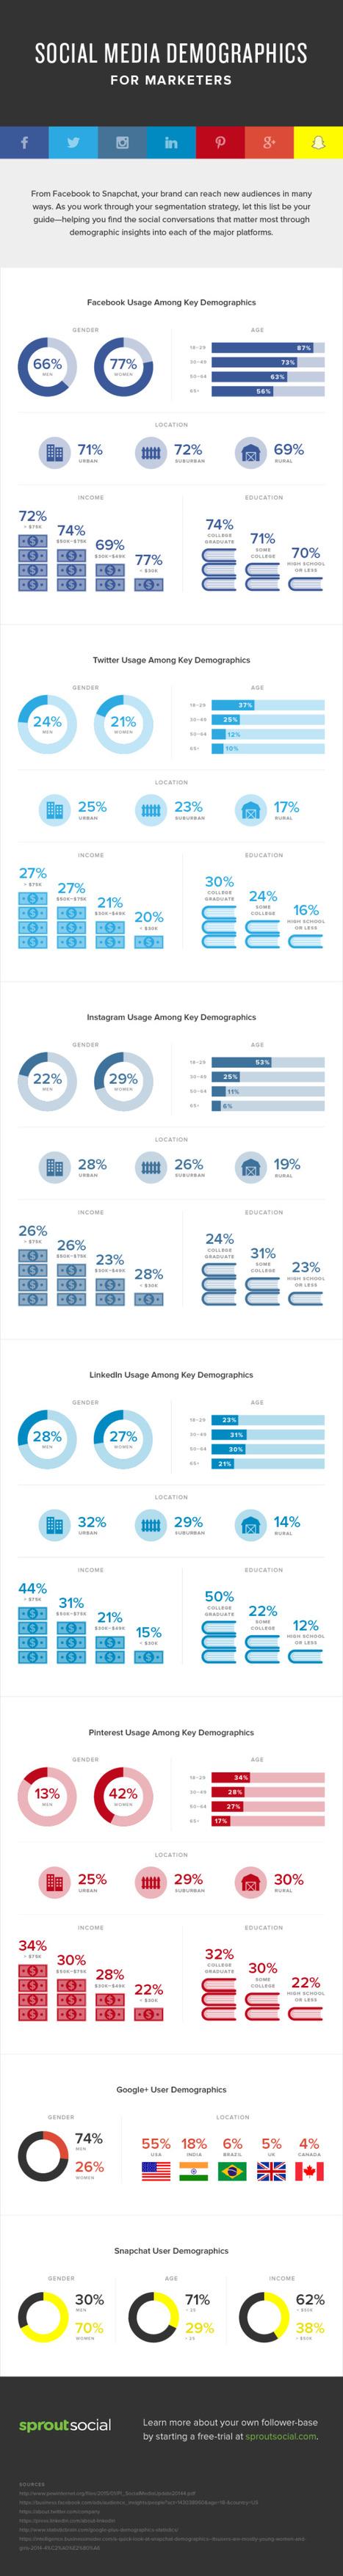 Le profil démographique des utilisateurs de Facebook, Twitter, Instagram, Pinterest, Snapchat.. | Réseaux et médias sociaux, veille, technique et outils | Scoop.it